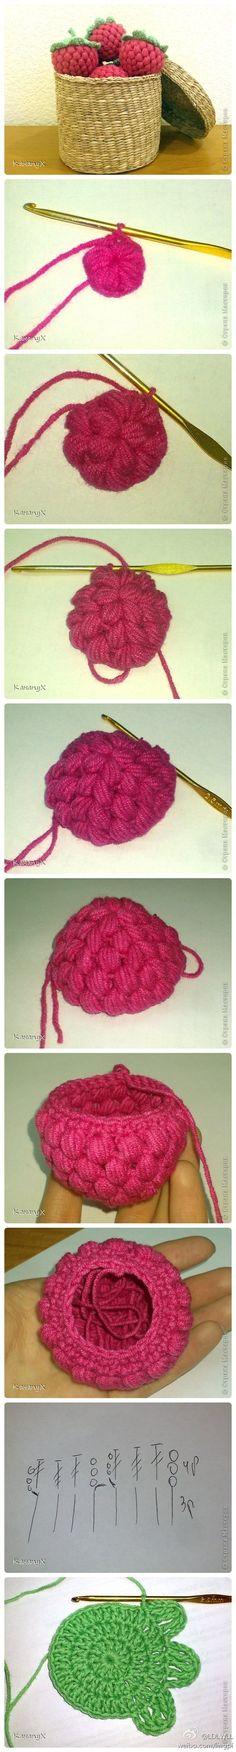 Crochet rasberries photo tutorial